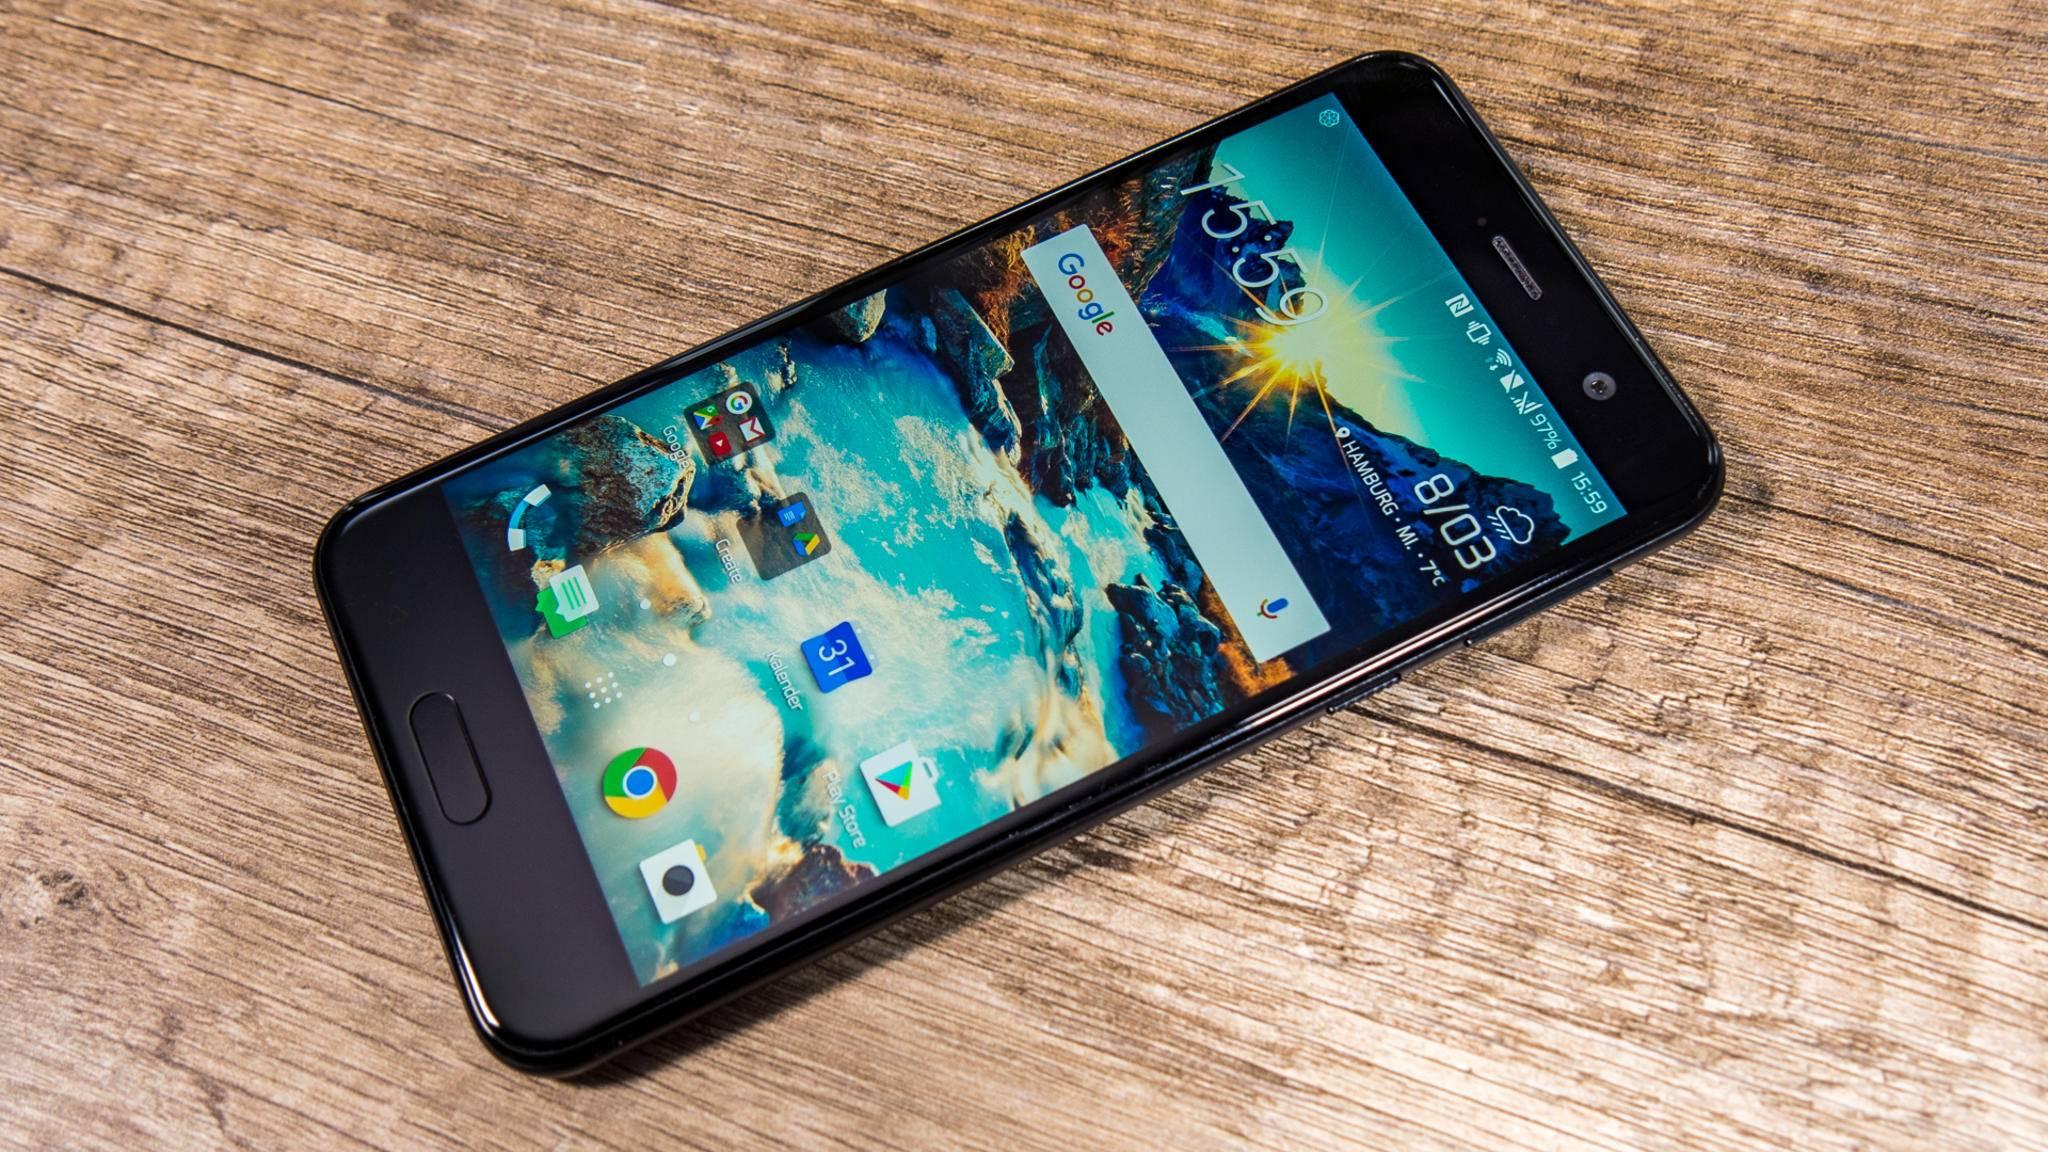 HTCs Mittelklasse-Smartphone HTC U Play besticht durch ein edles Äußeres – kann die Technik mithalten?